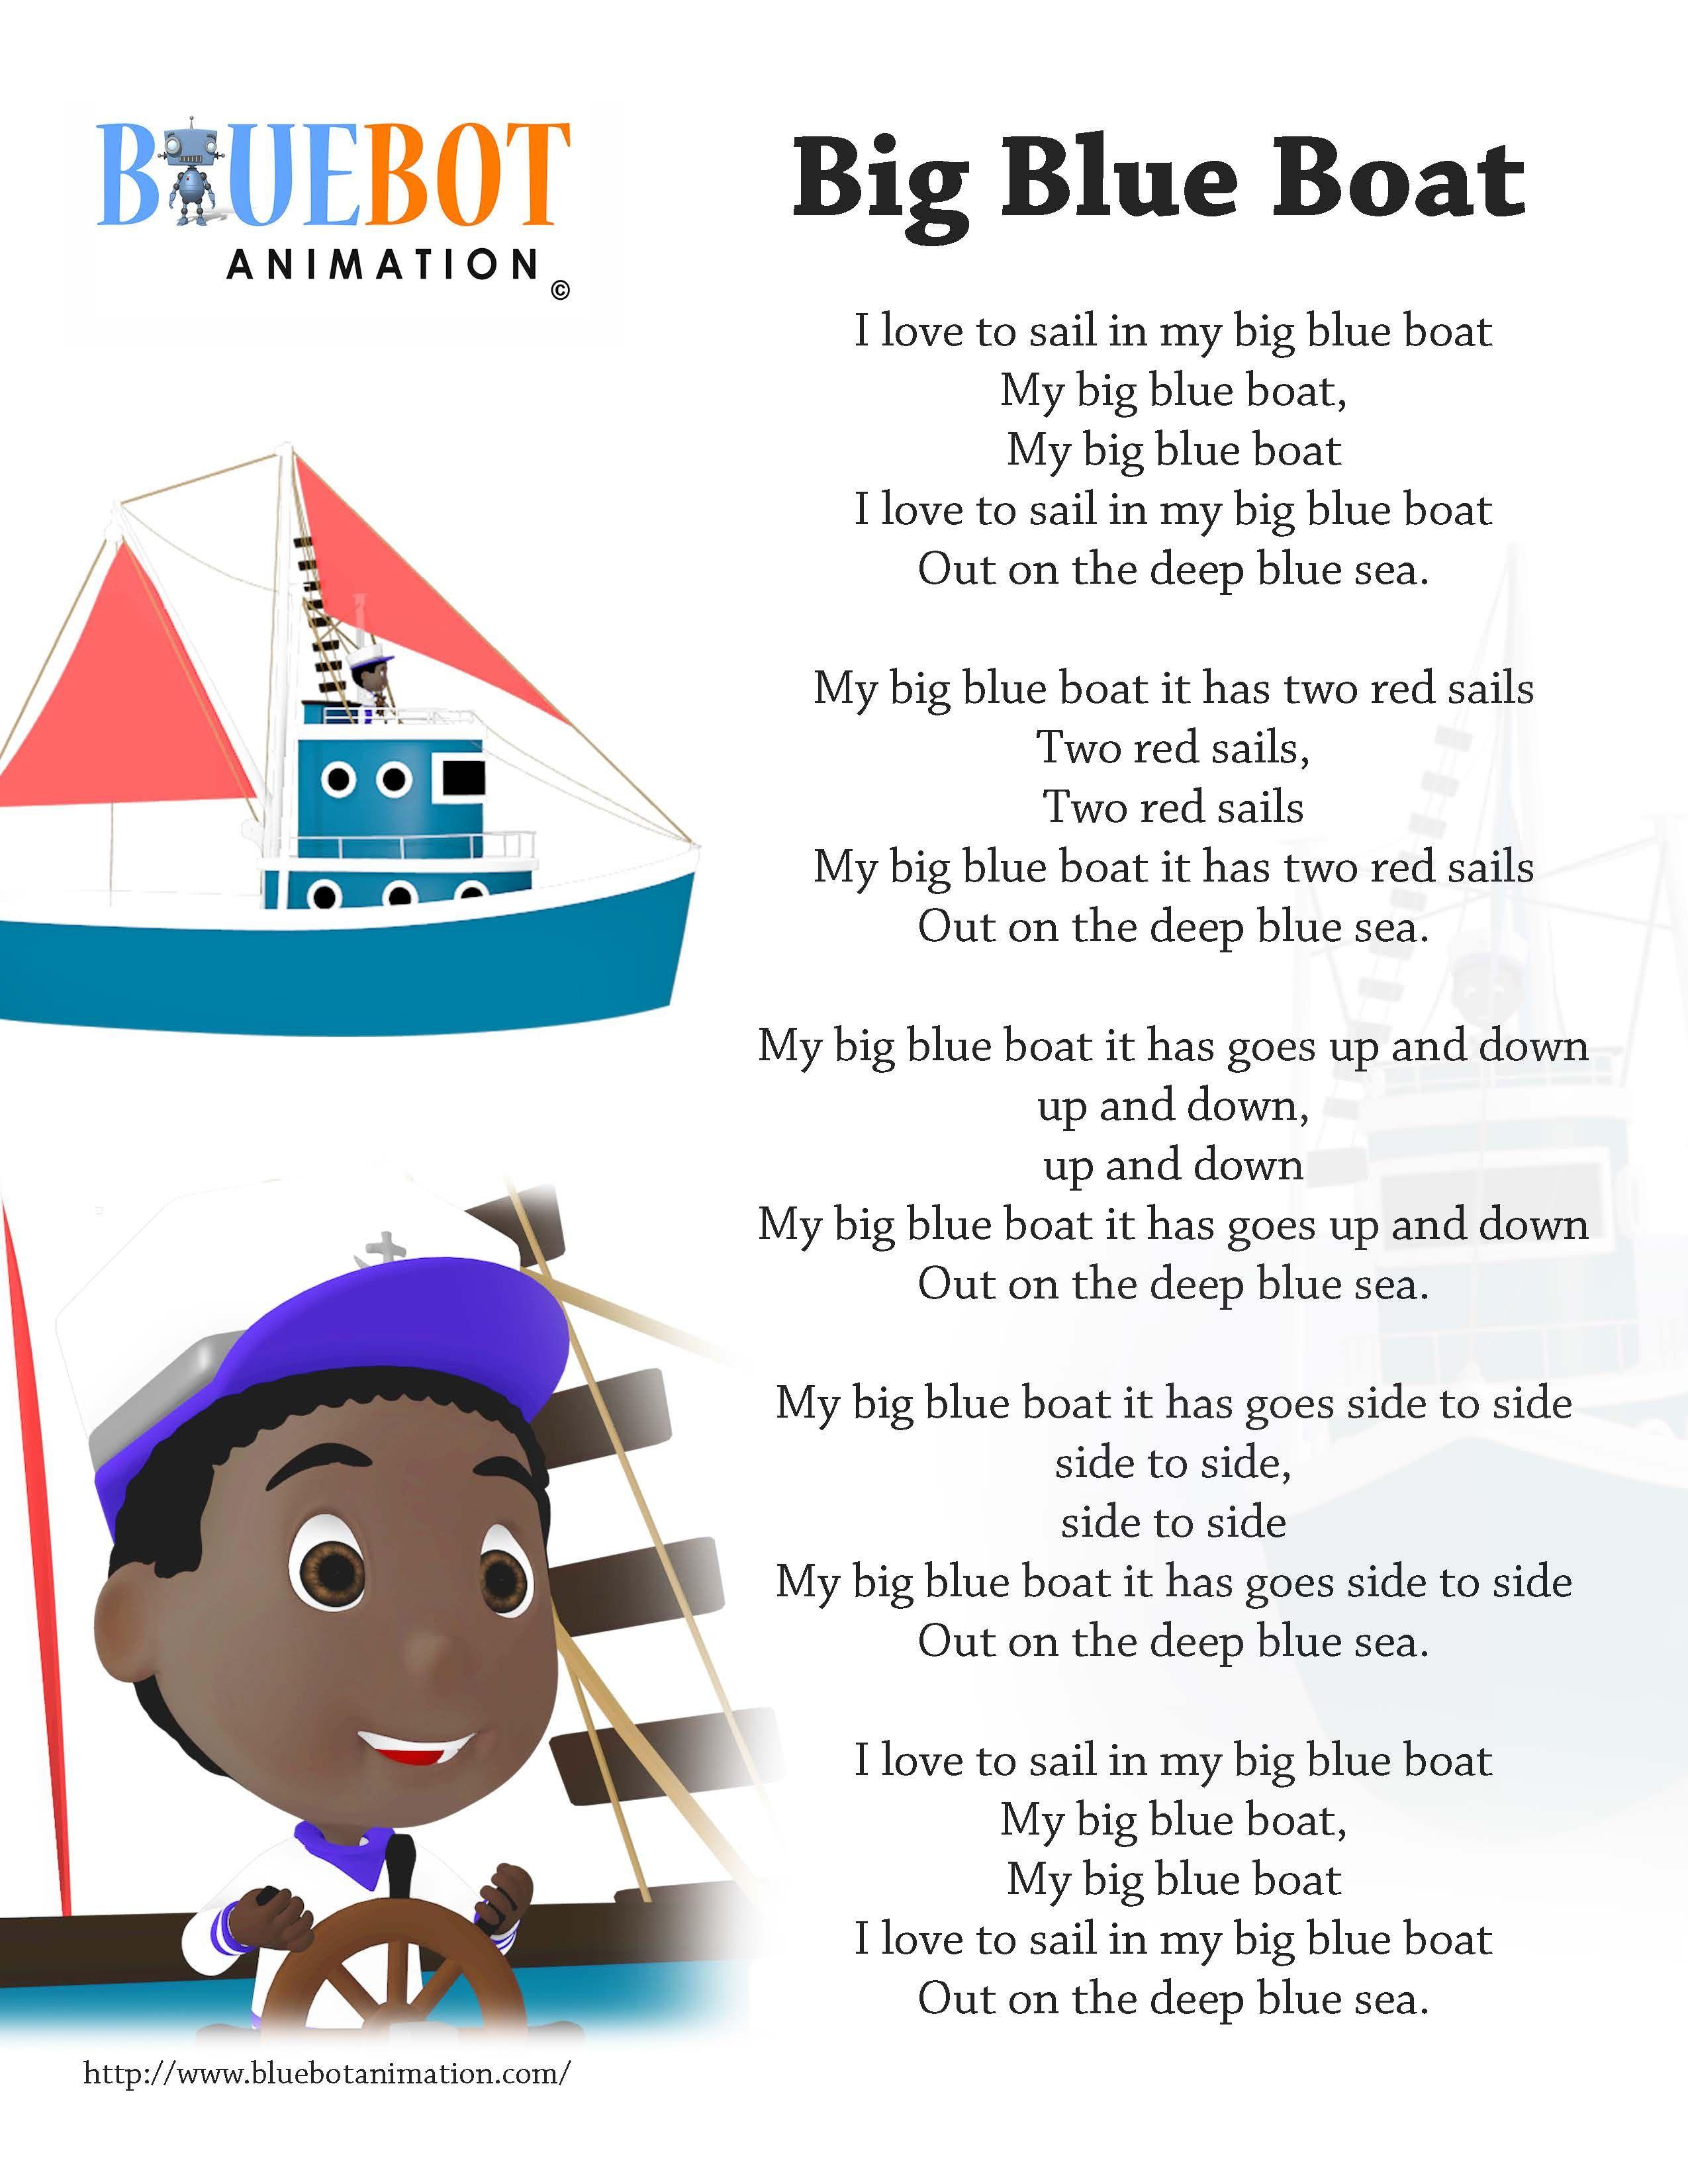 Big Blue Boat Nursery Rhyme Lyrics Free Printable Nursery Rhyme - Free Printable Nursery Rhymes Songs